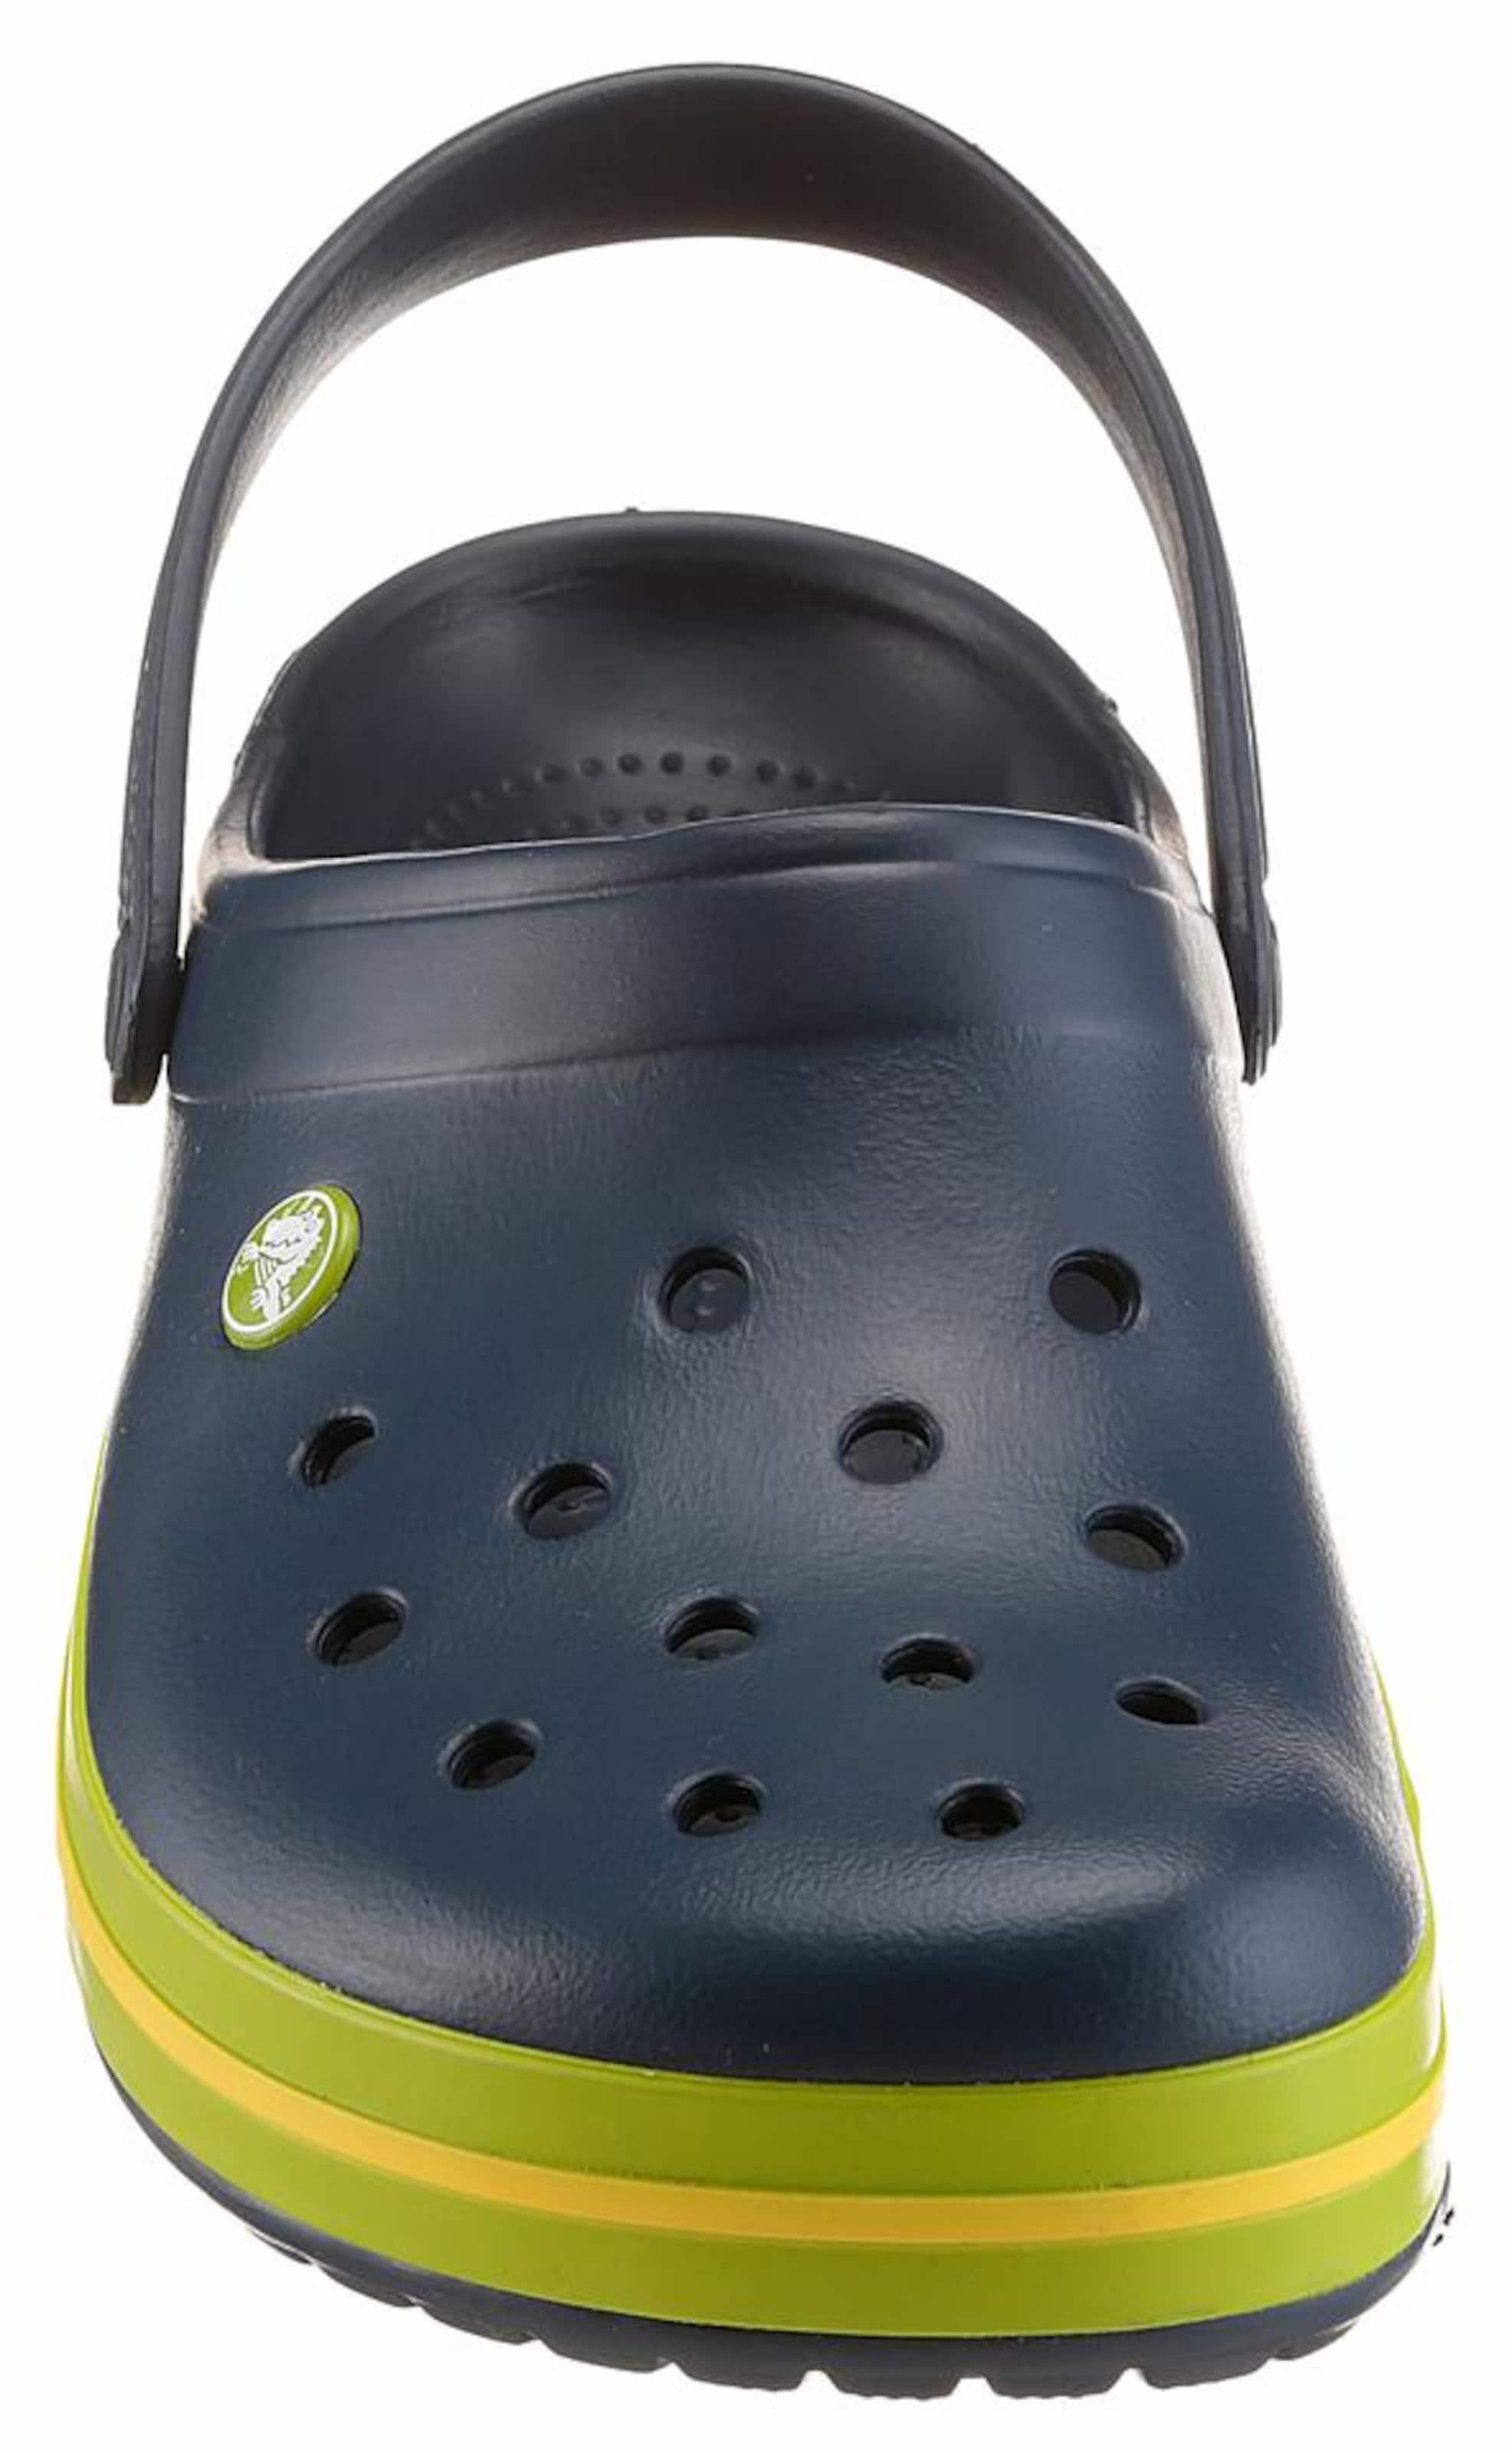 Clog Crocs Crocs Blau Crocs In Blau In Clog dBthQxCsr